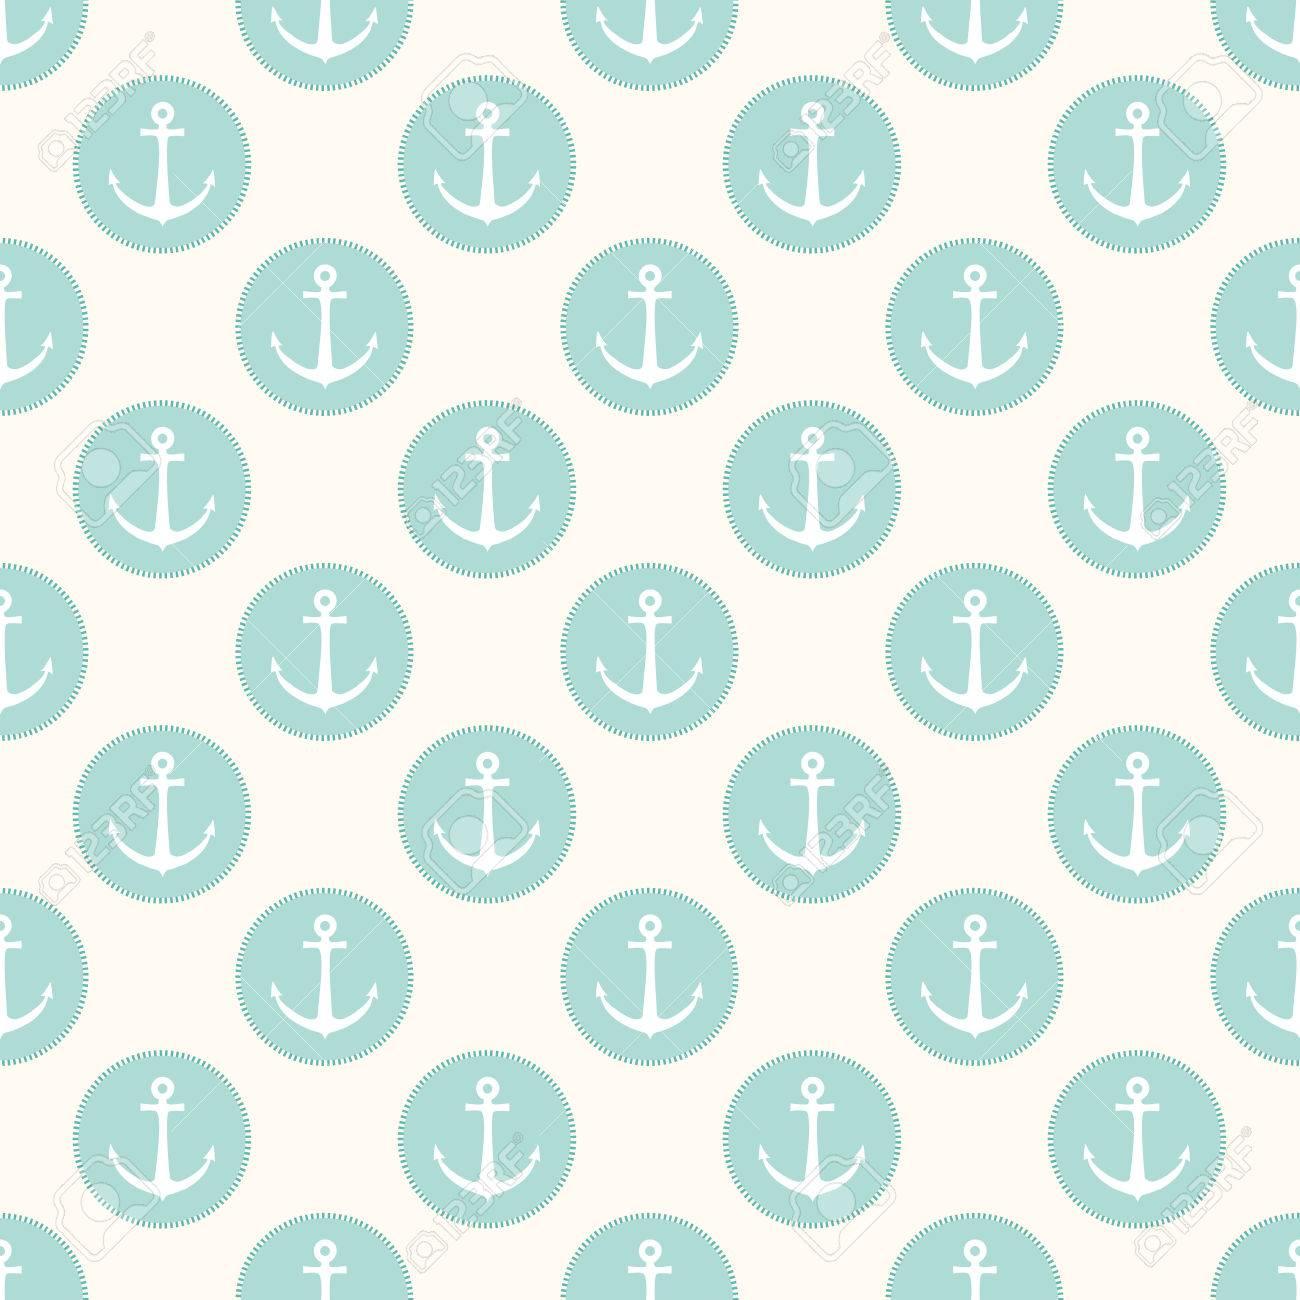 Vector Nahtlose Retro Muster Mit Ankern In Blauen Kreisen Kann Fr Tapeten